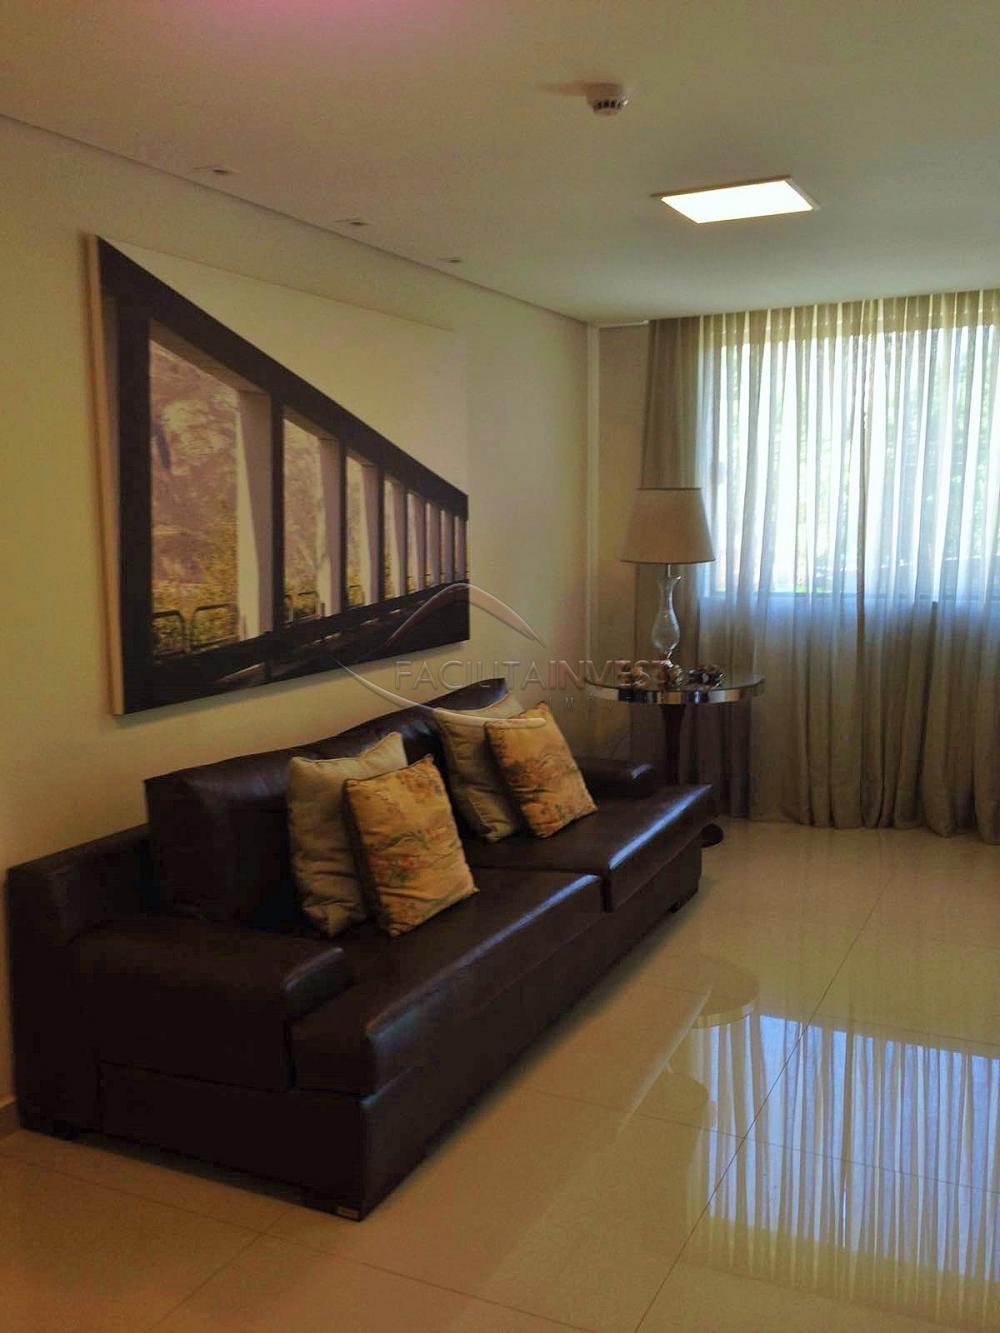 Alugar Apartamentos / Apart. Padrão em Ribeirão Preto apenas R$ 1.900,00 - Foto 2